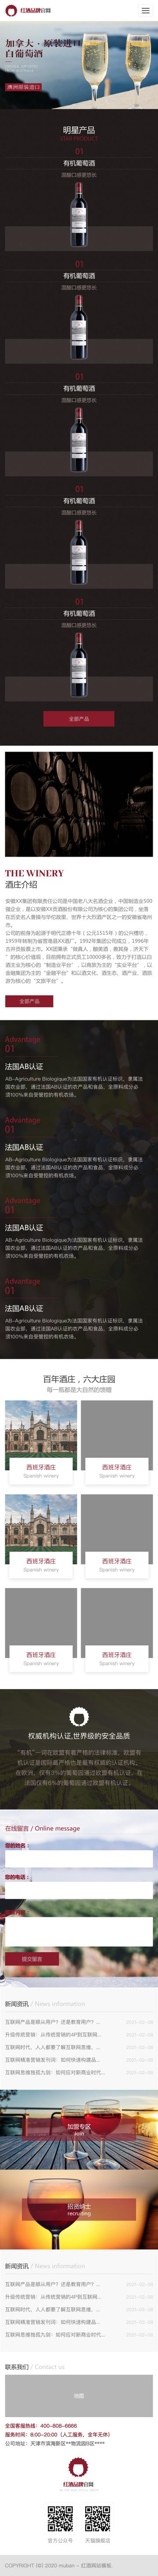 小清新酒H5手机模板